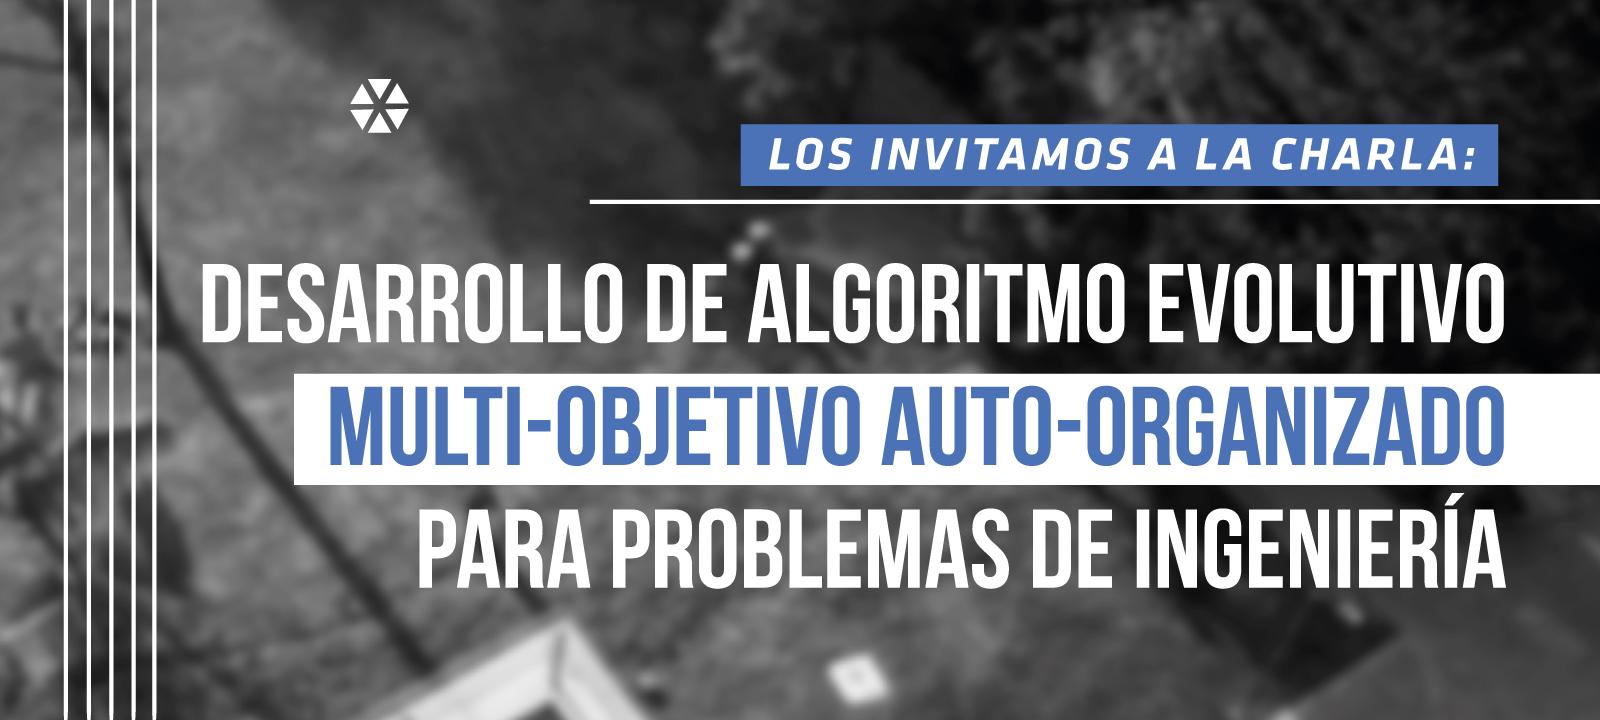 Los invitamos a la charla de maestría: Desarrollo de algoritmo evolutivo multi-objetivo auto-organizado para problemas de ingeniería